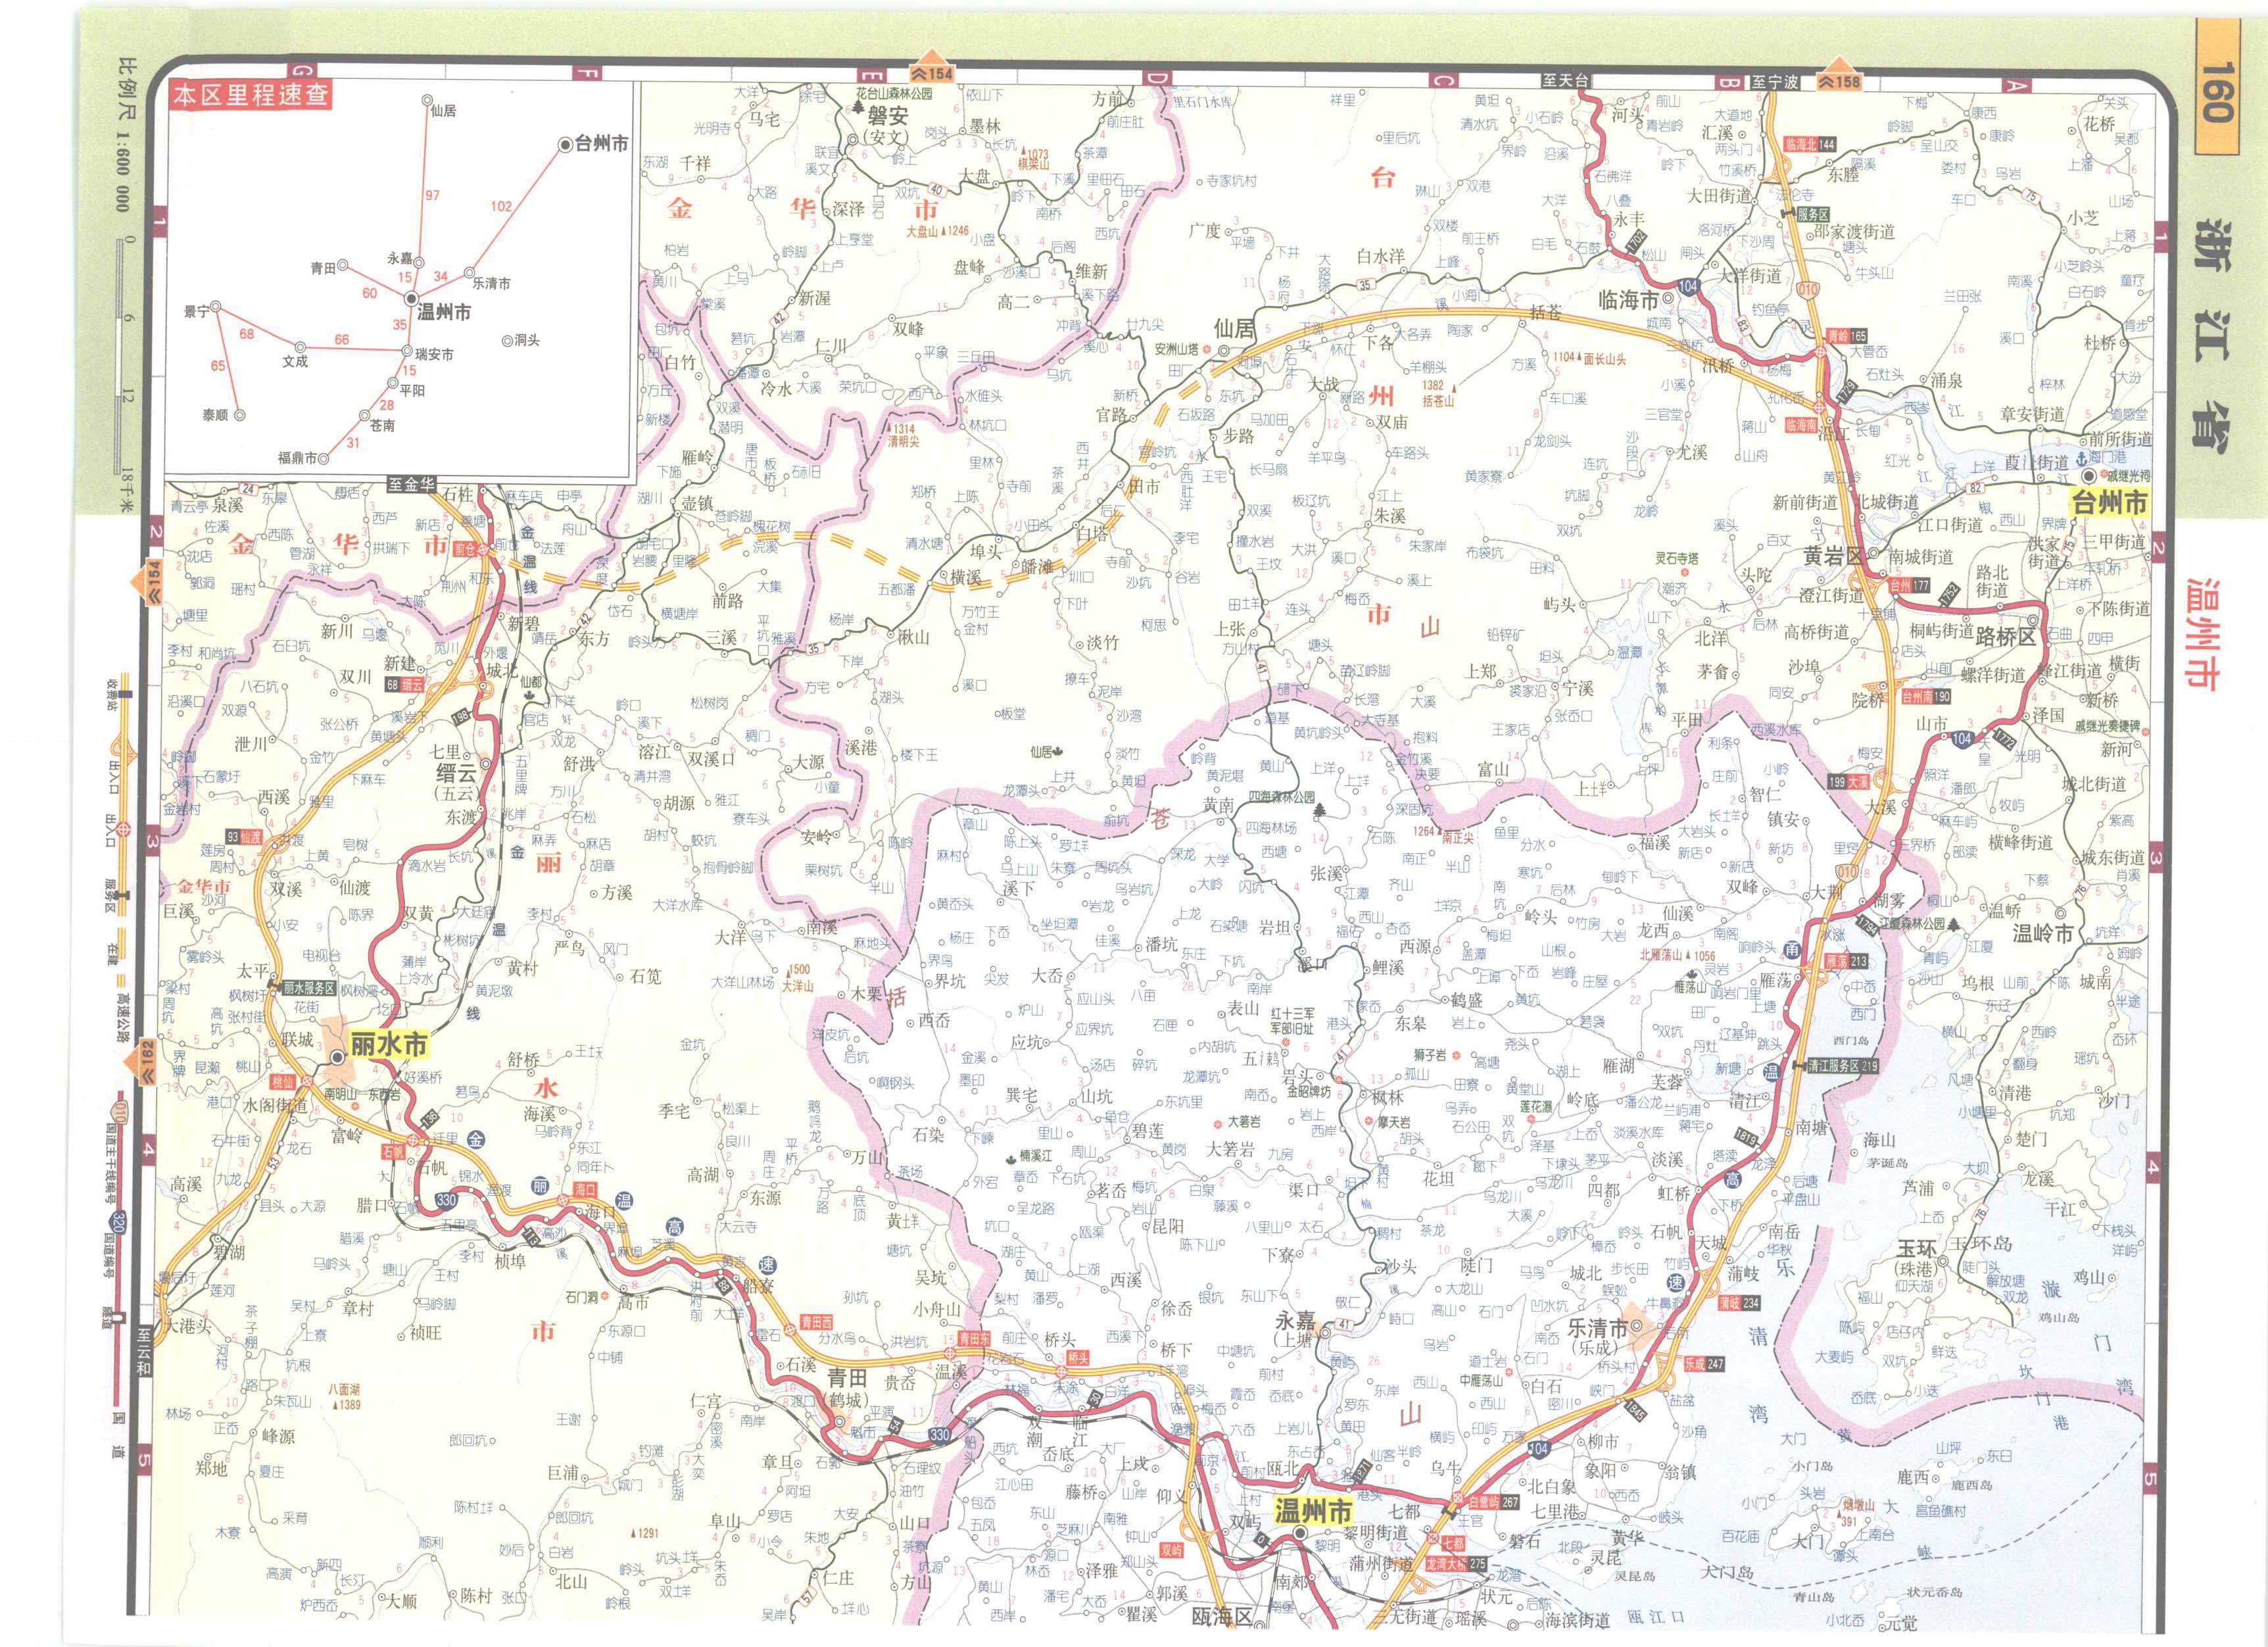 浙江省温州市高速公路网地图